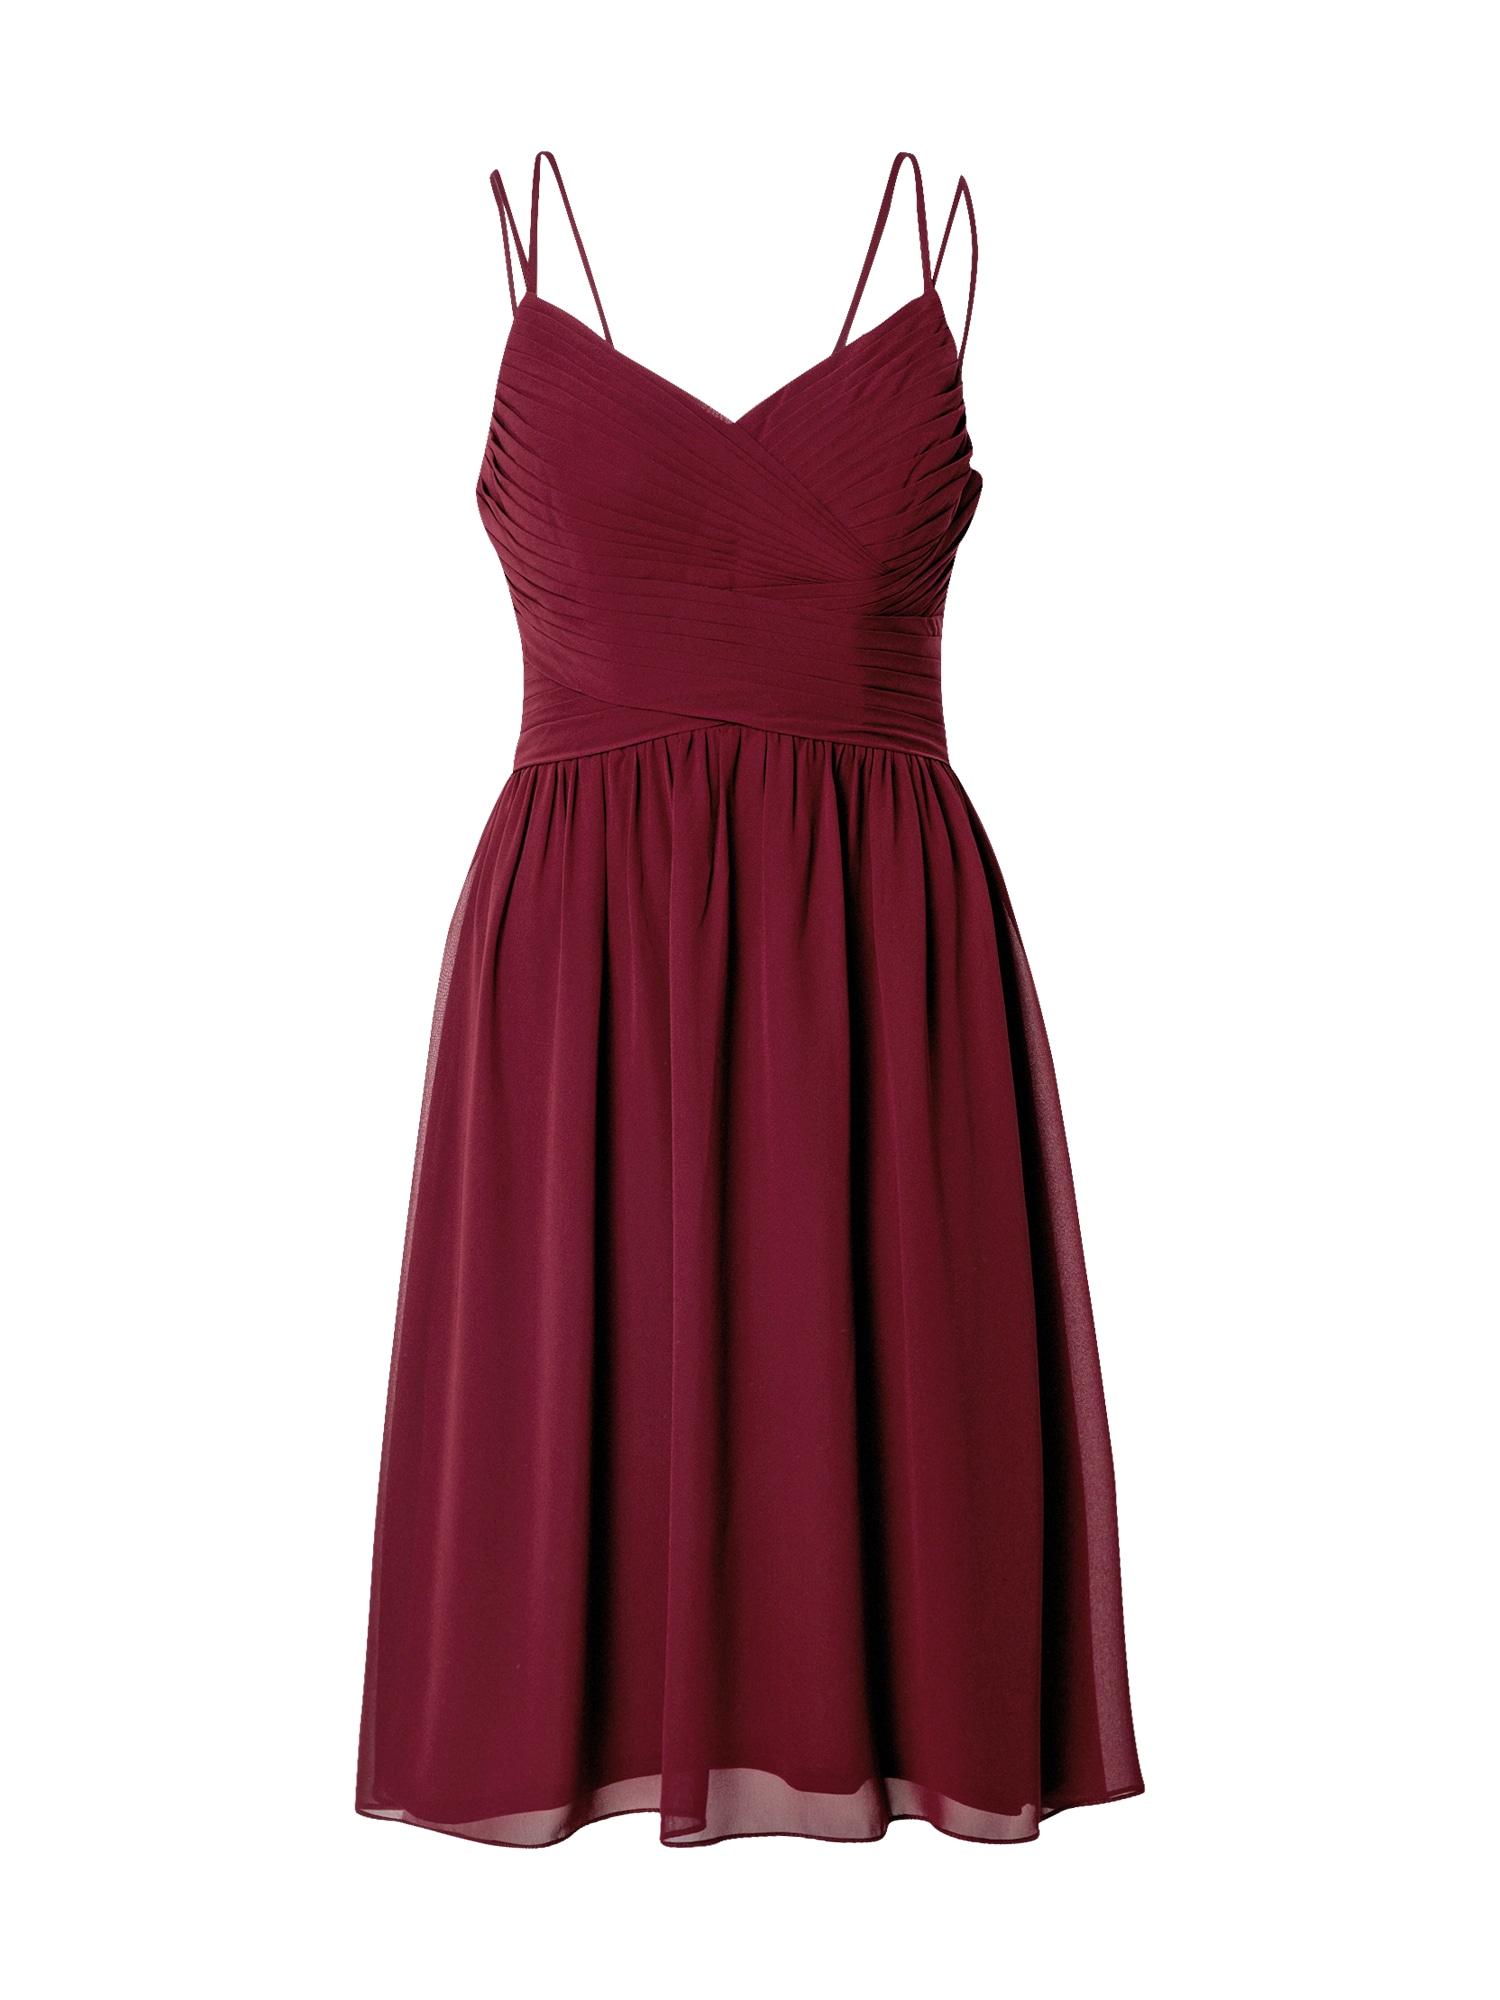 STAR NIGHT Kokteilinė suknelė vyno raudona spalva